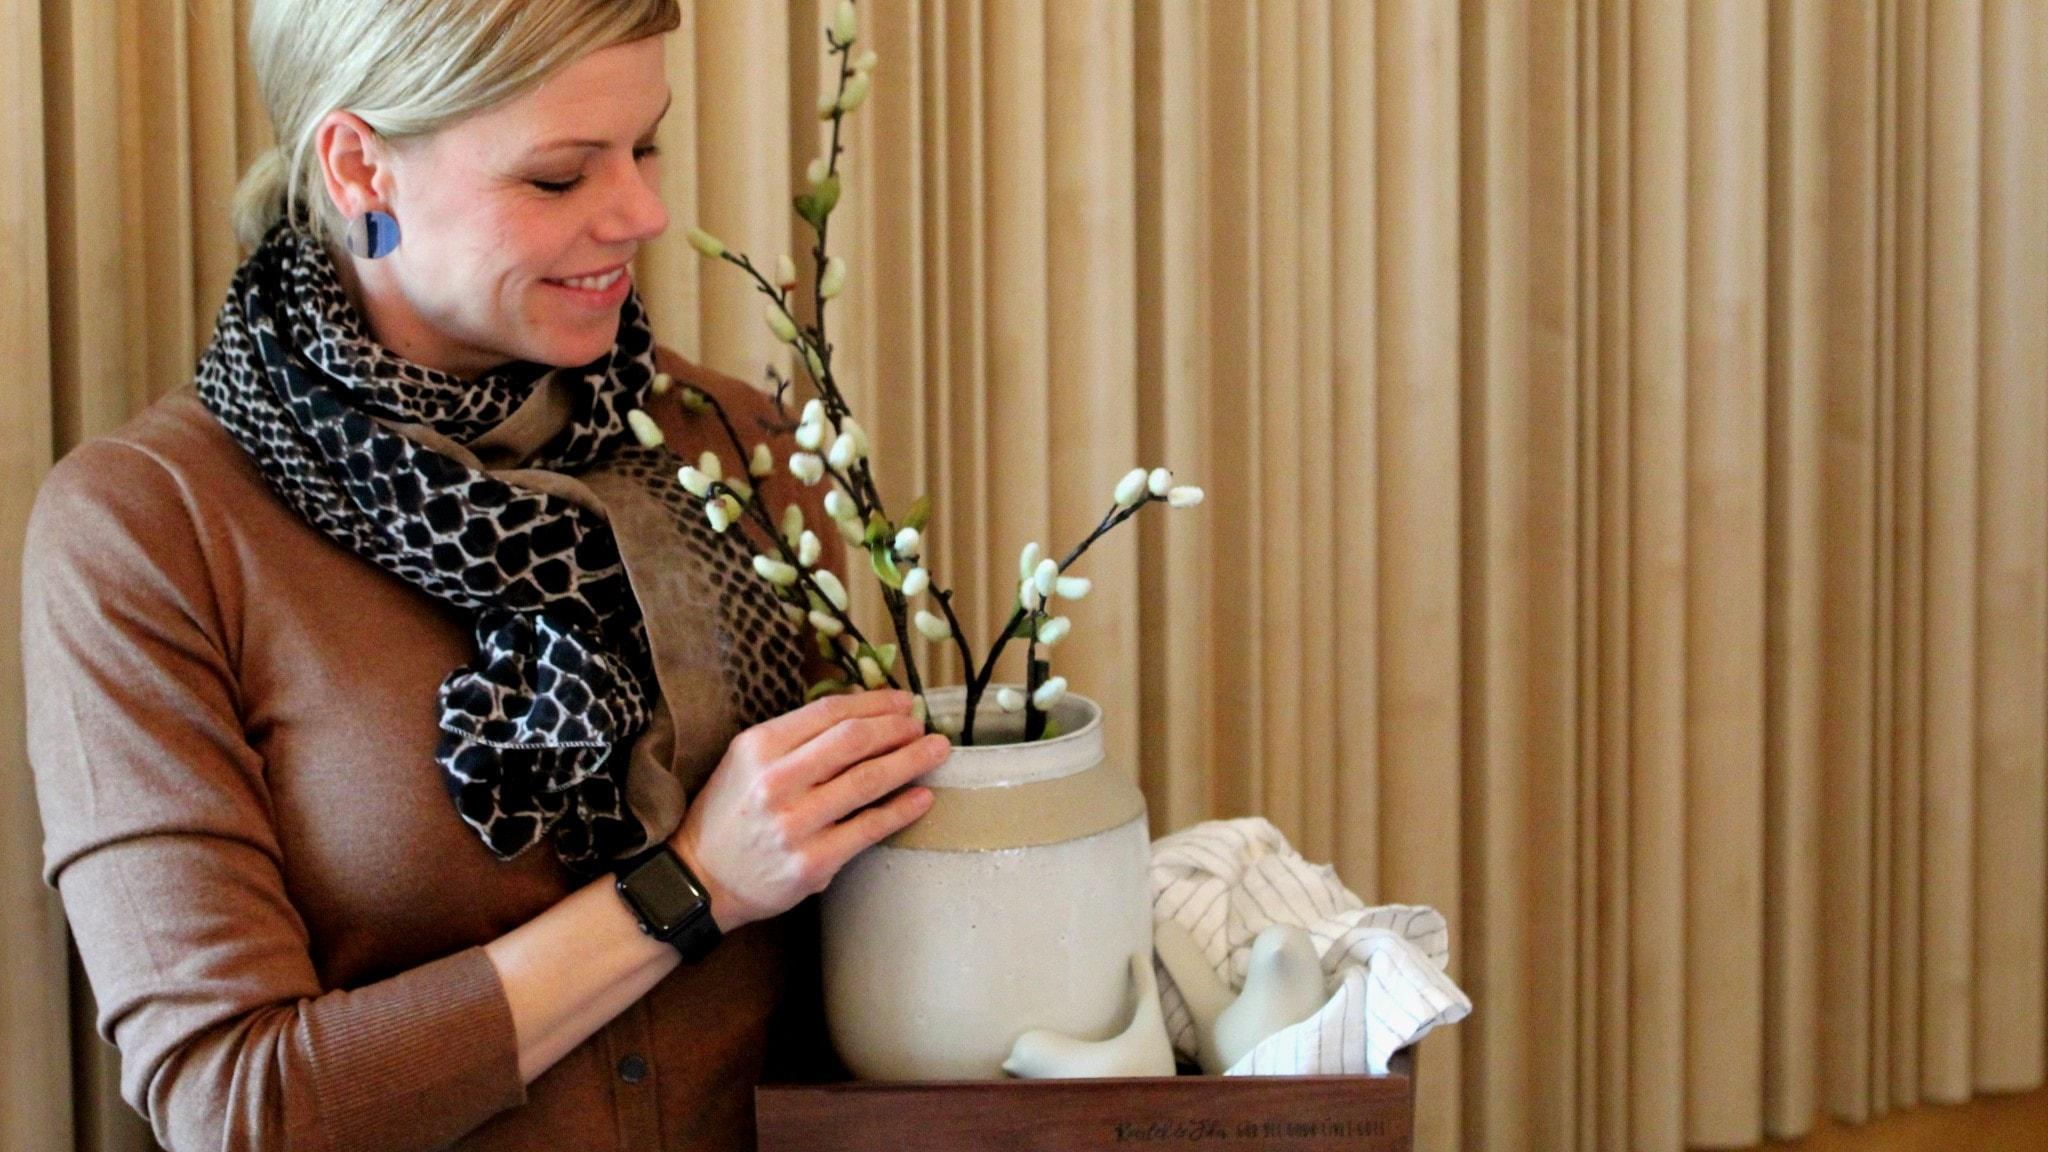 Erika Johansson håller i en träbricka med prydnadsfåglar, en linneduk och en keramikvas med videkvistar på.